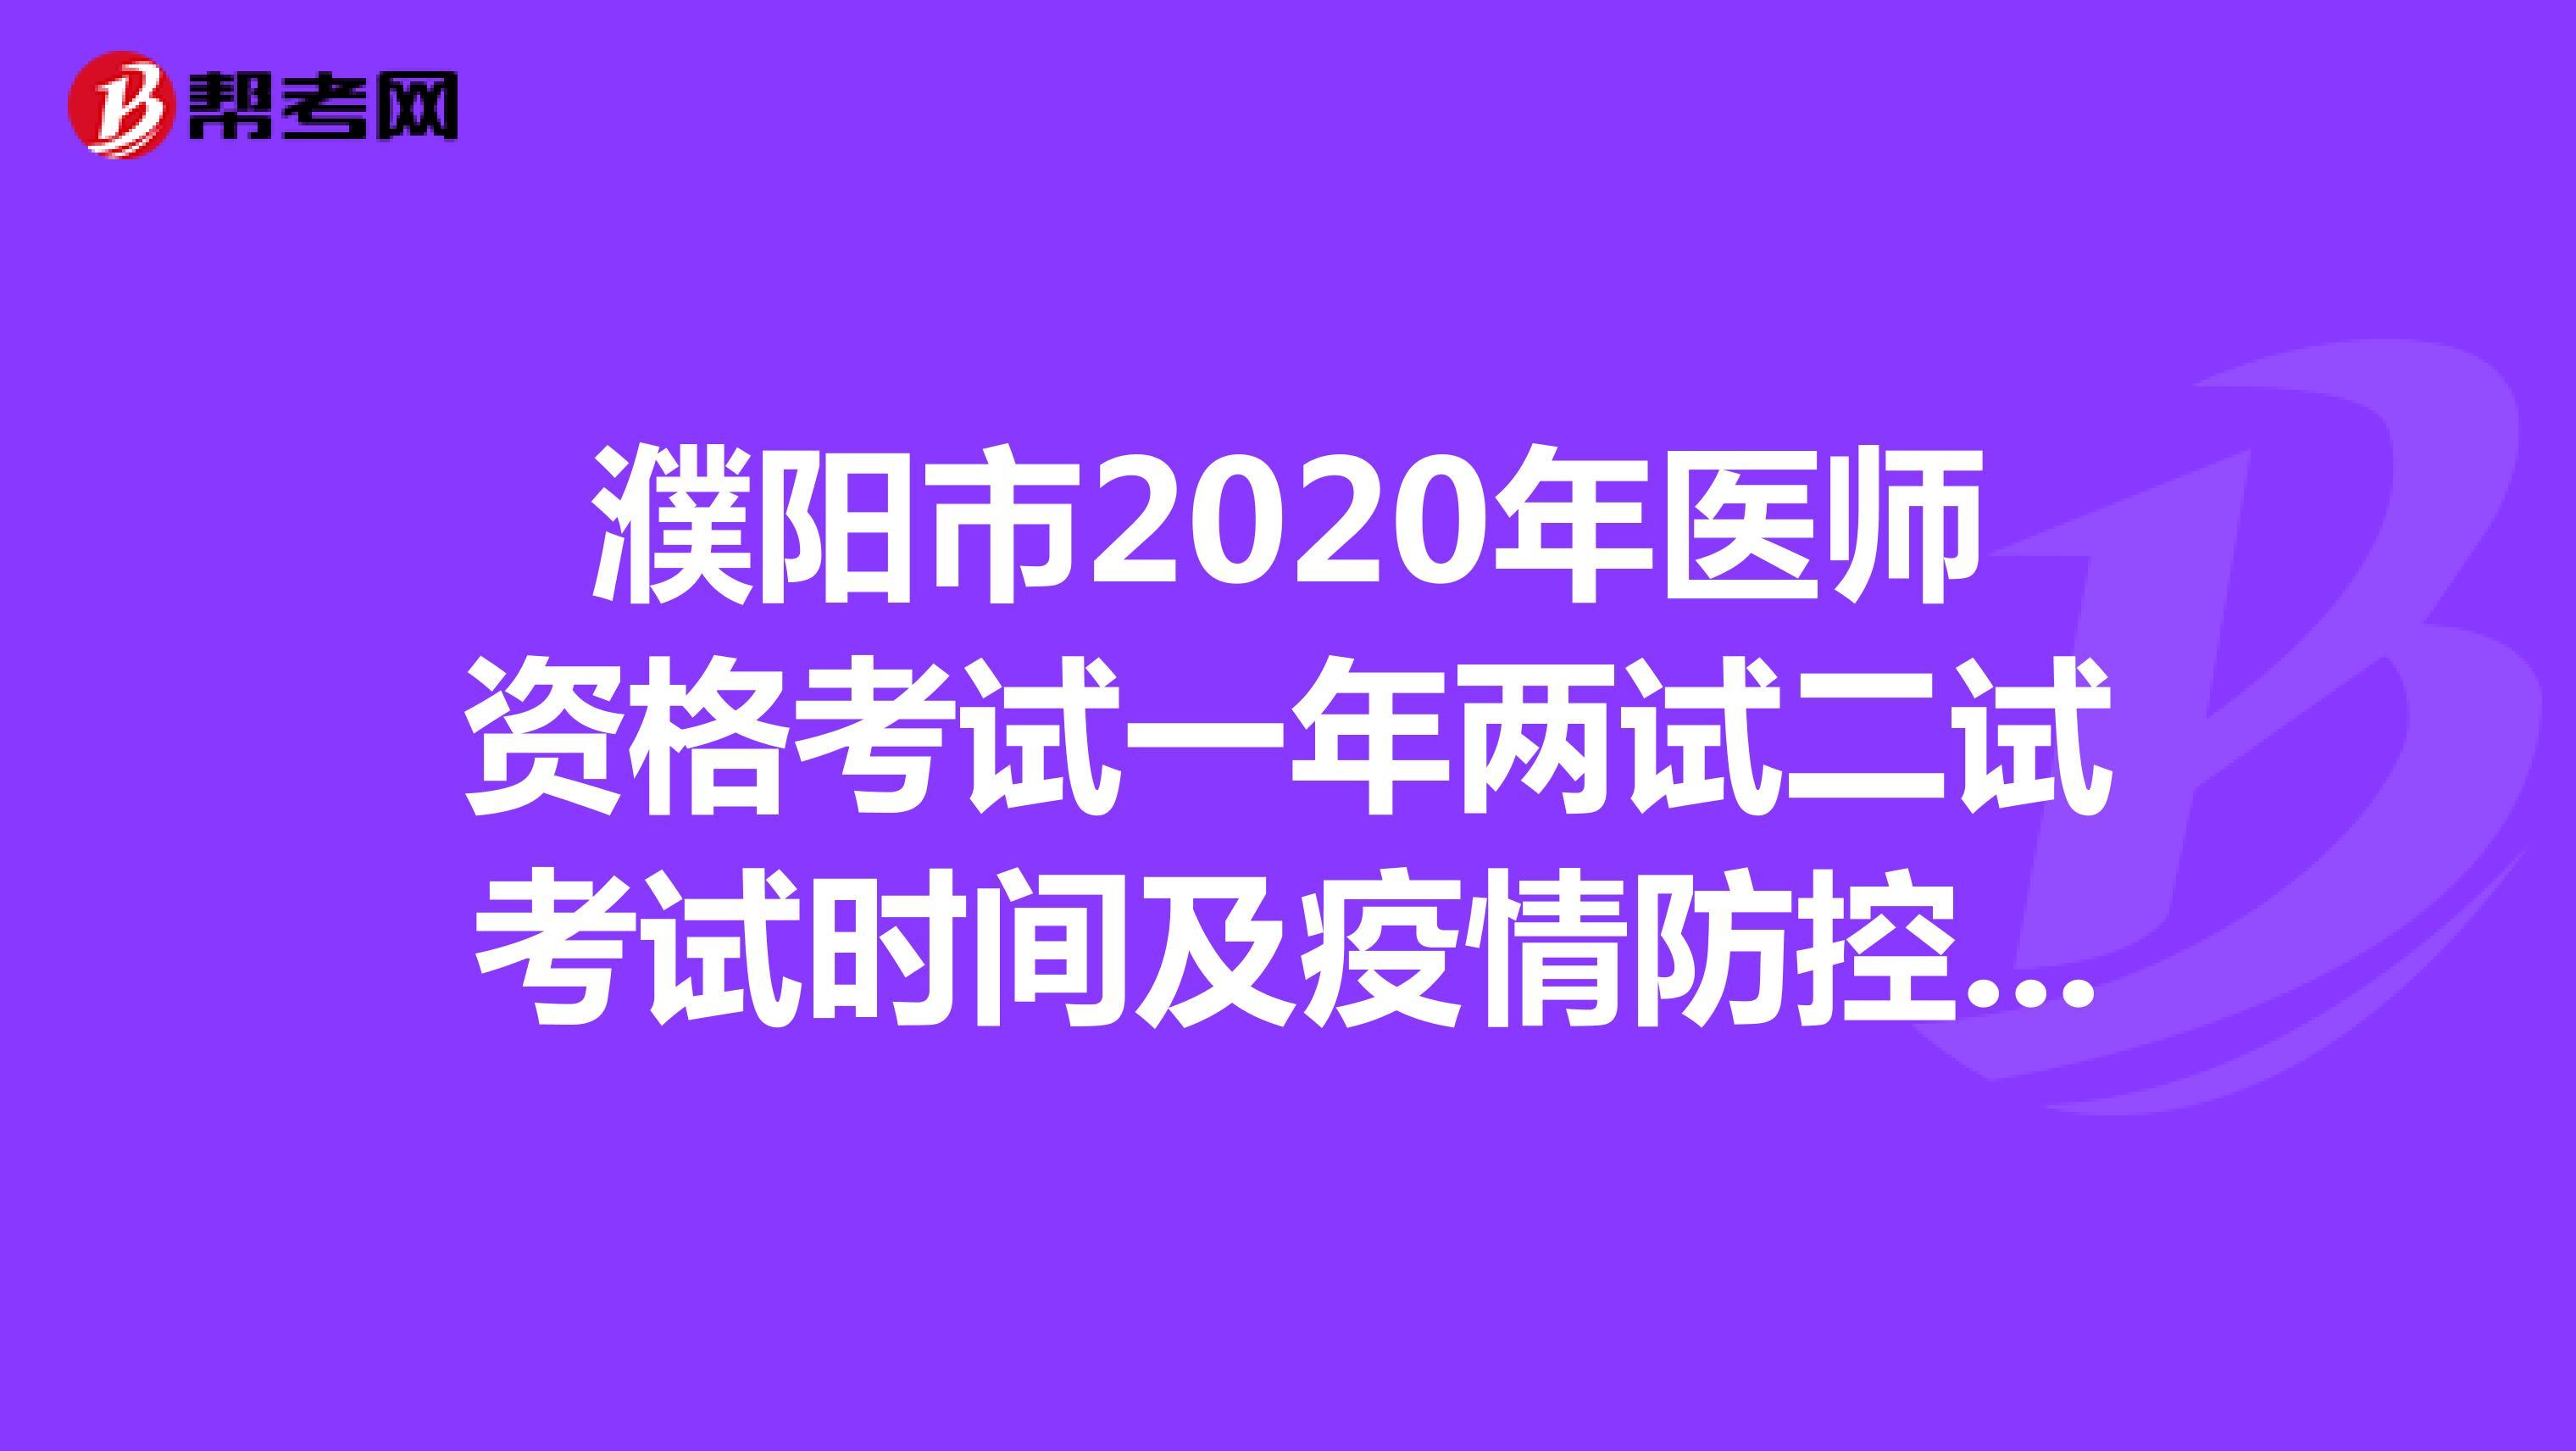 濮陽市2020年醫師資格考試一年兩試二試考試時間及疫情防控要求